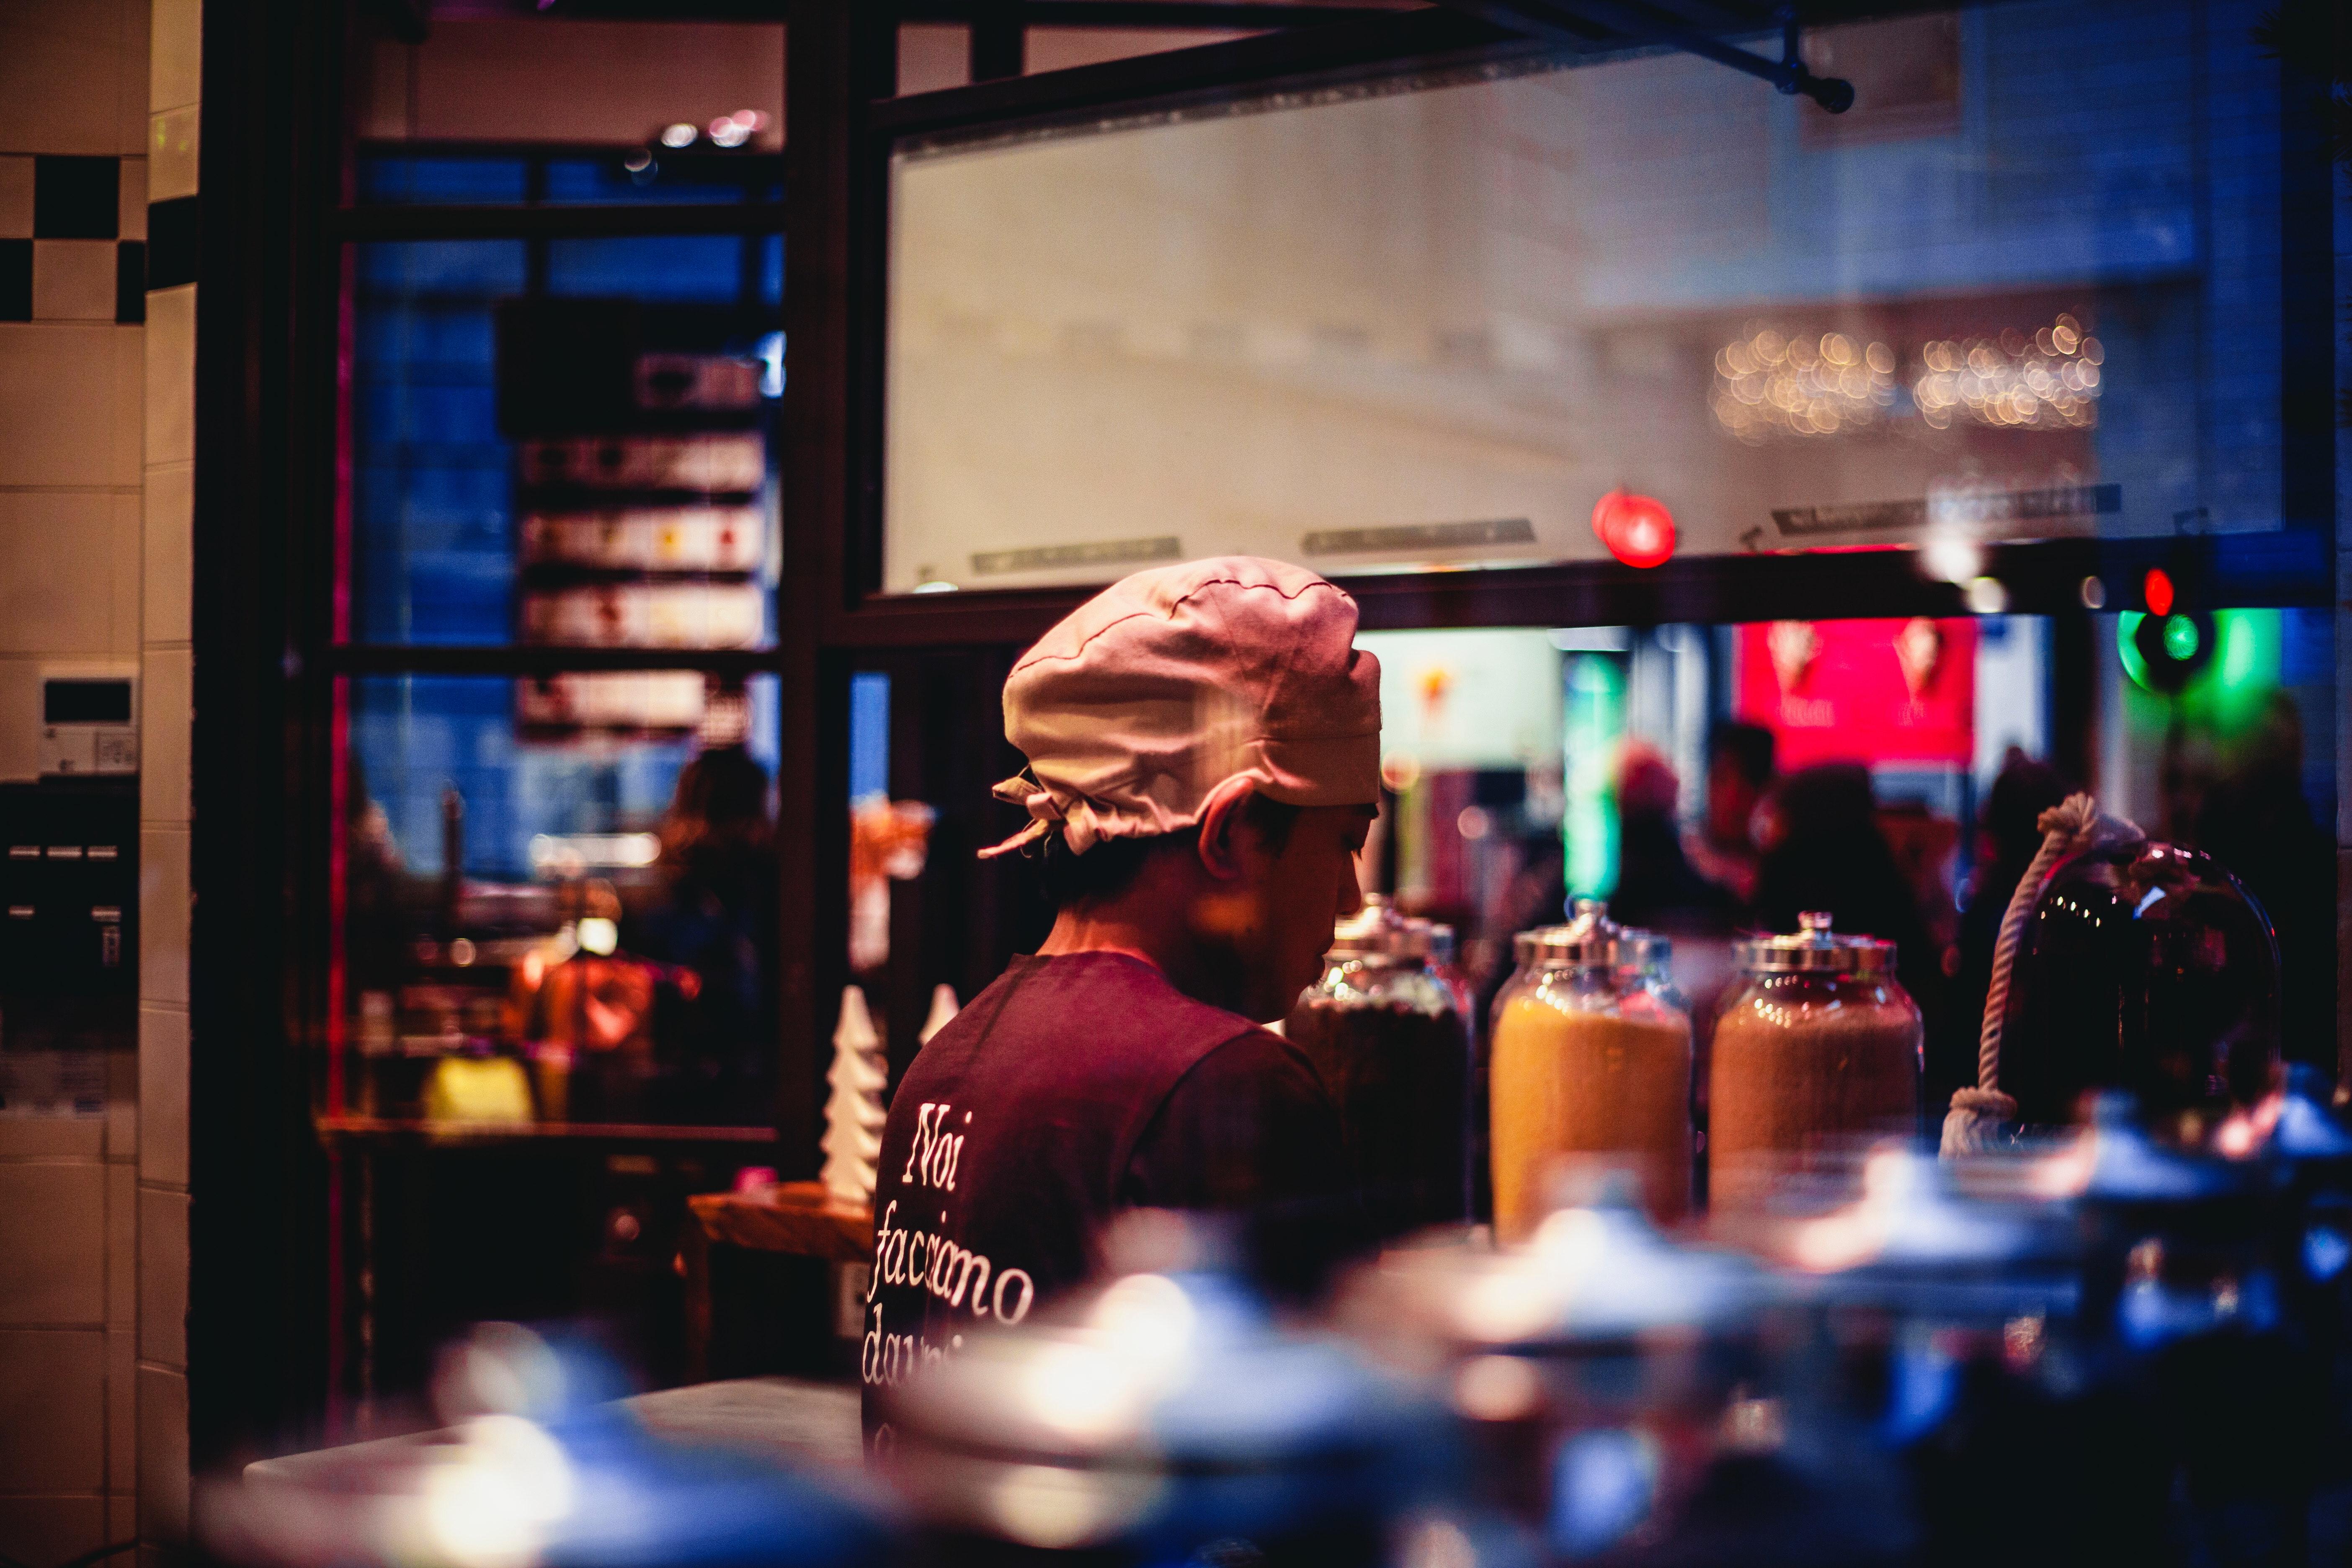 Gratis afbeeldingen : volwassen bar kleur handel donker drinken